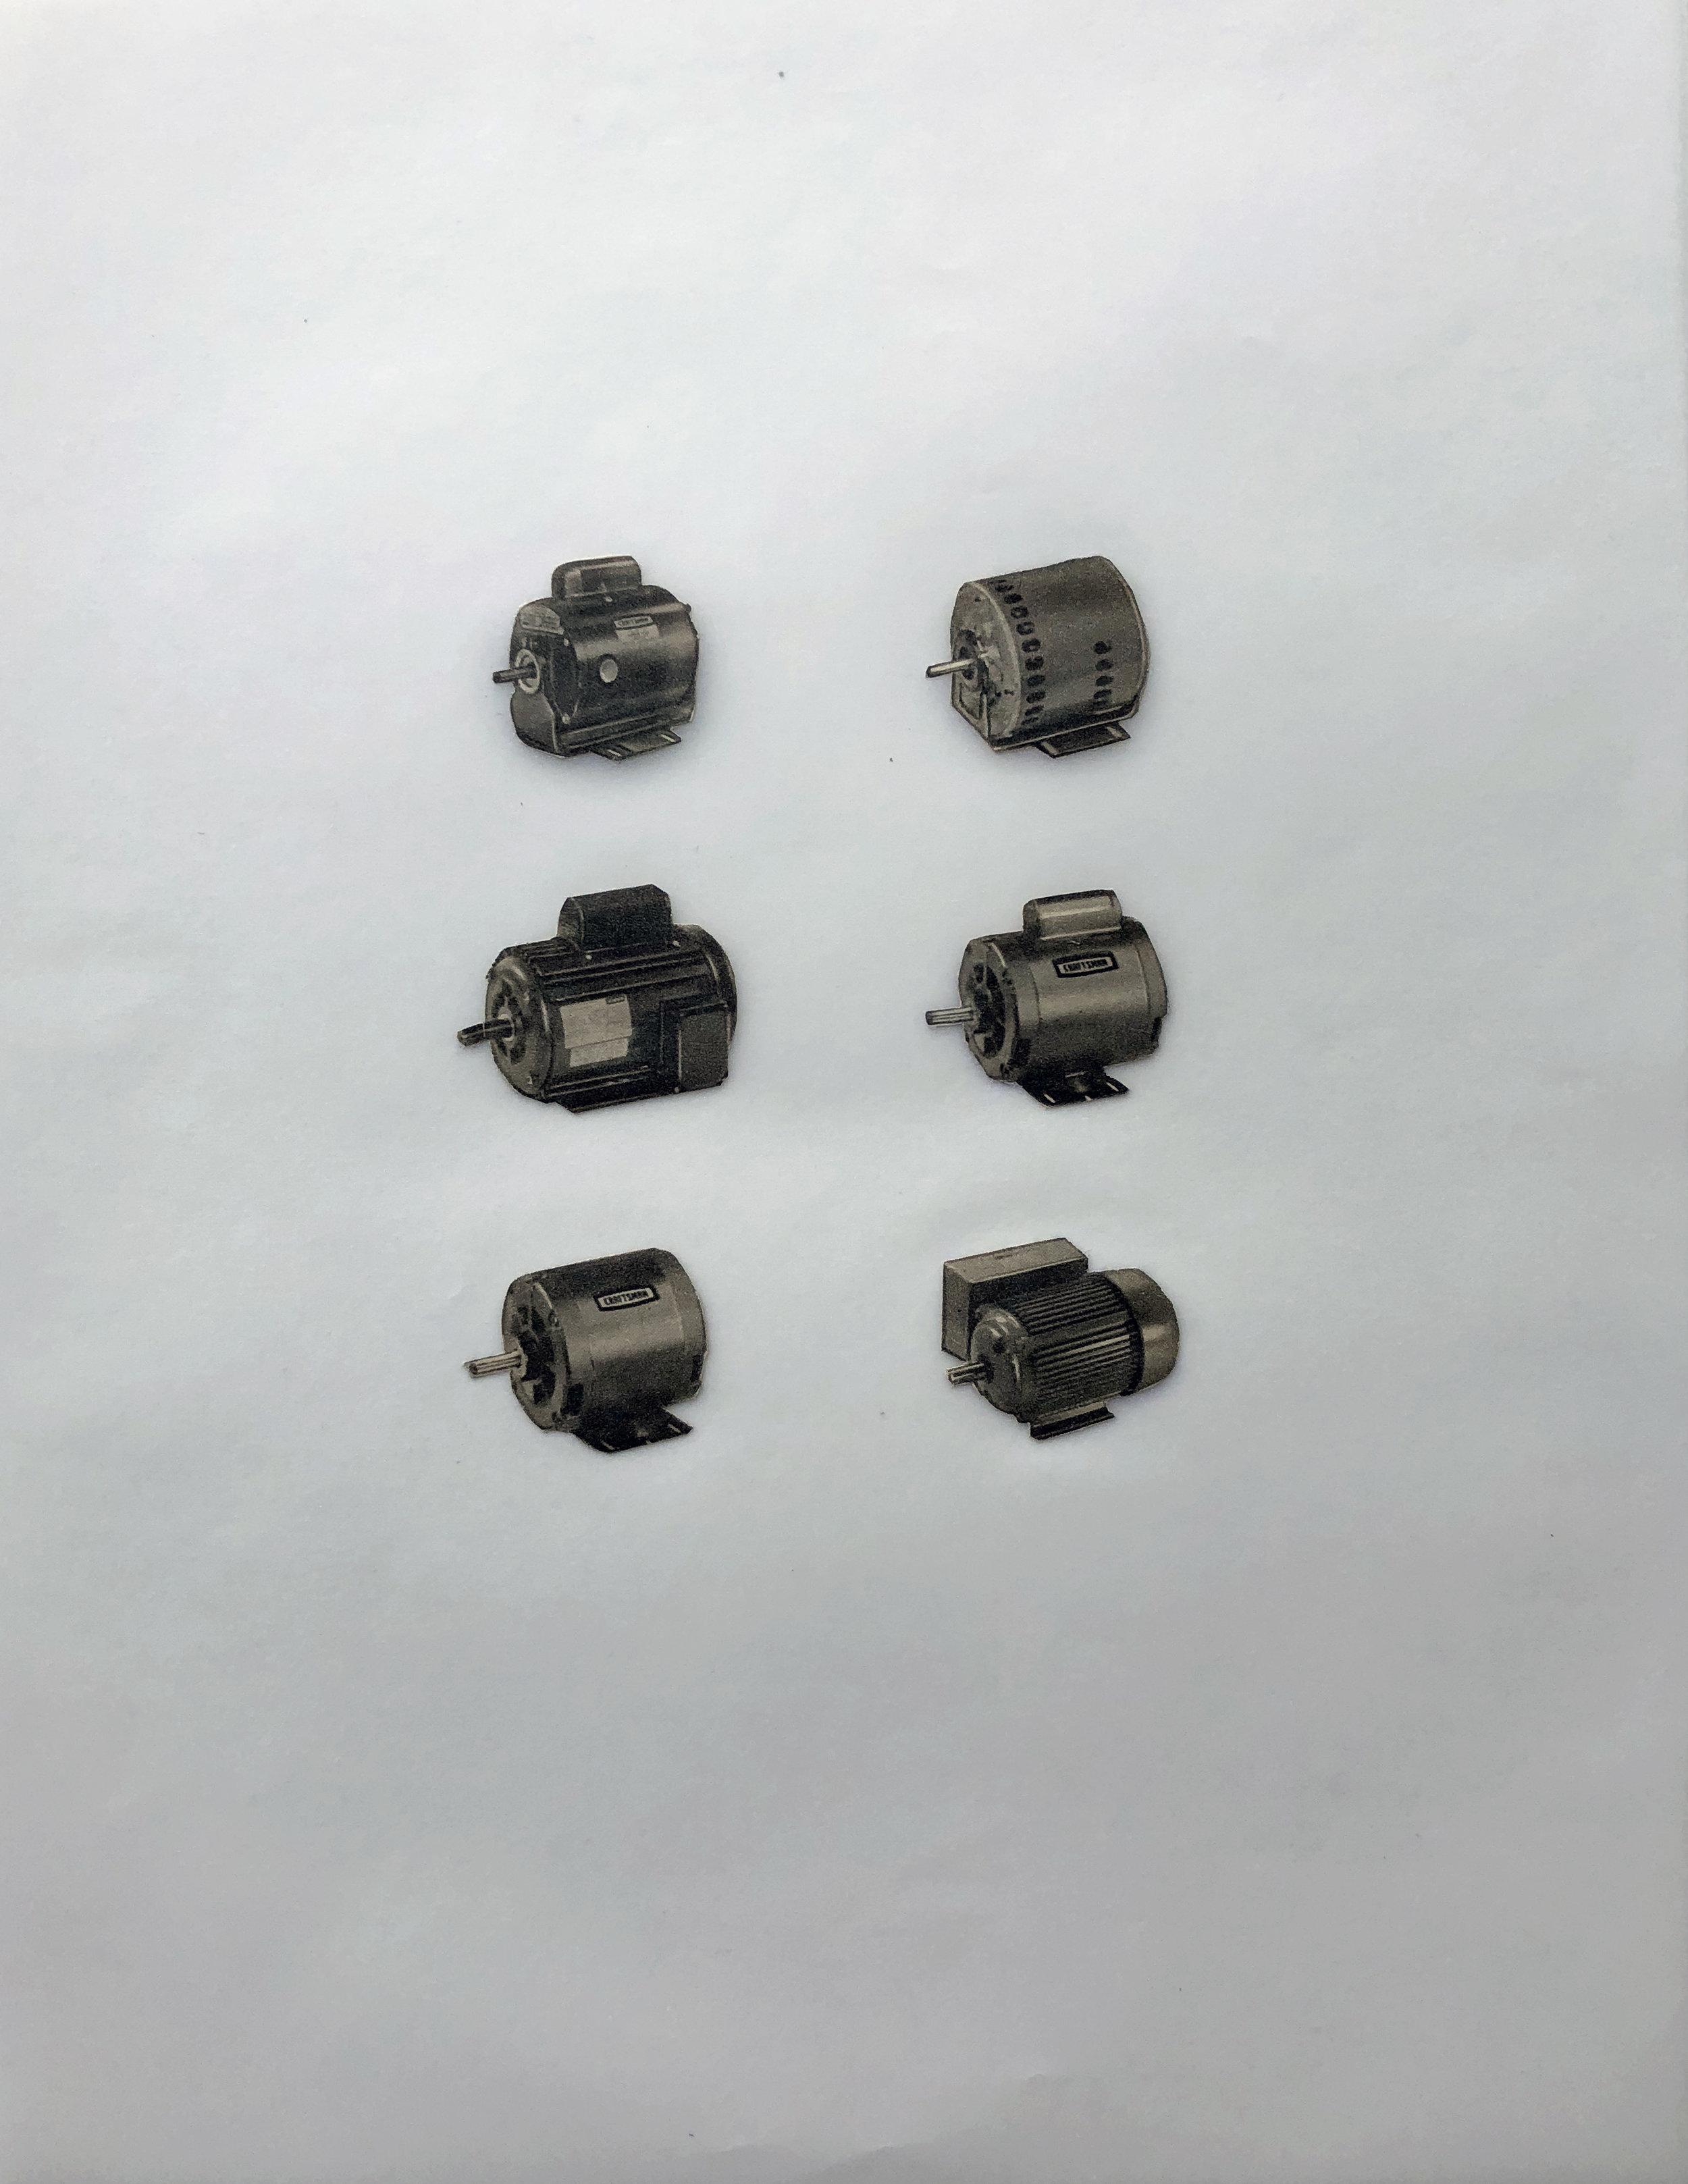 CAT - RIFF - Becher 6 motors - CROP.jpg